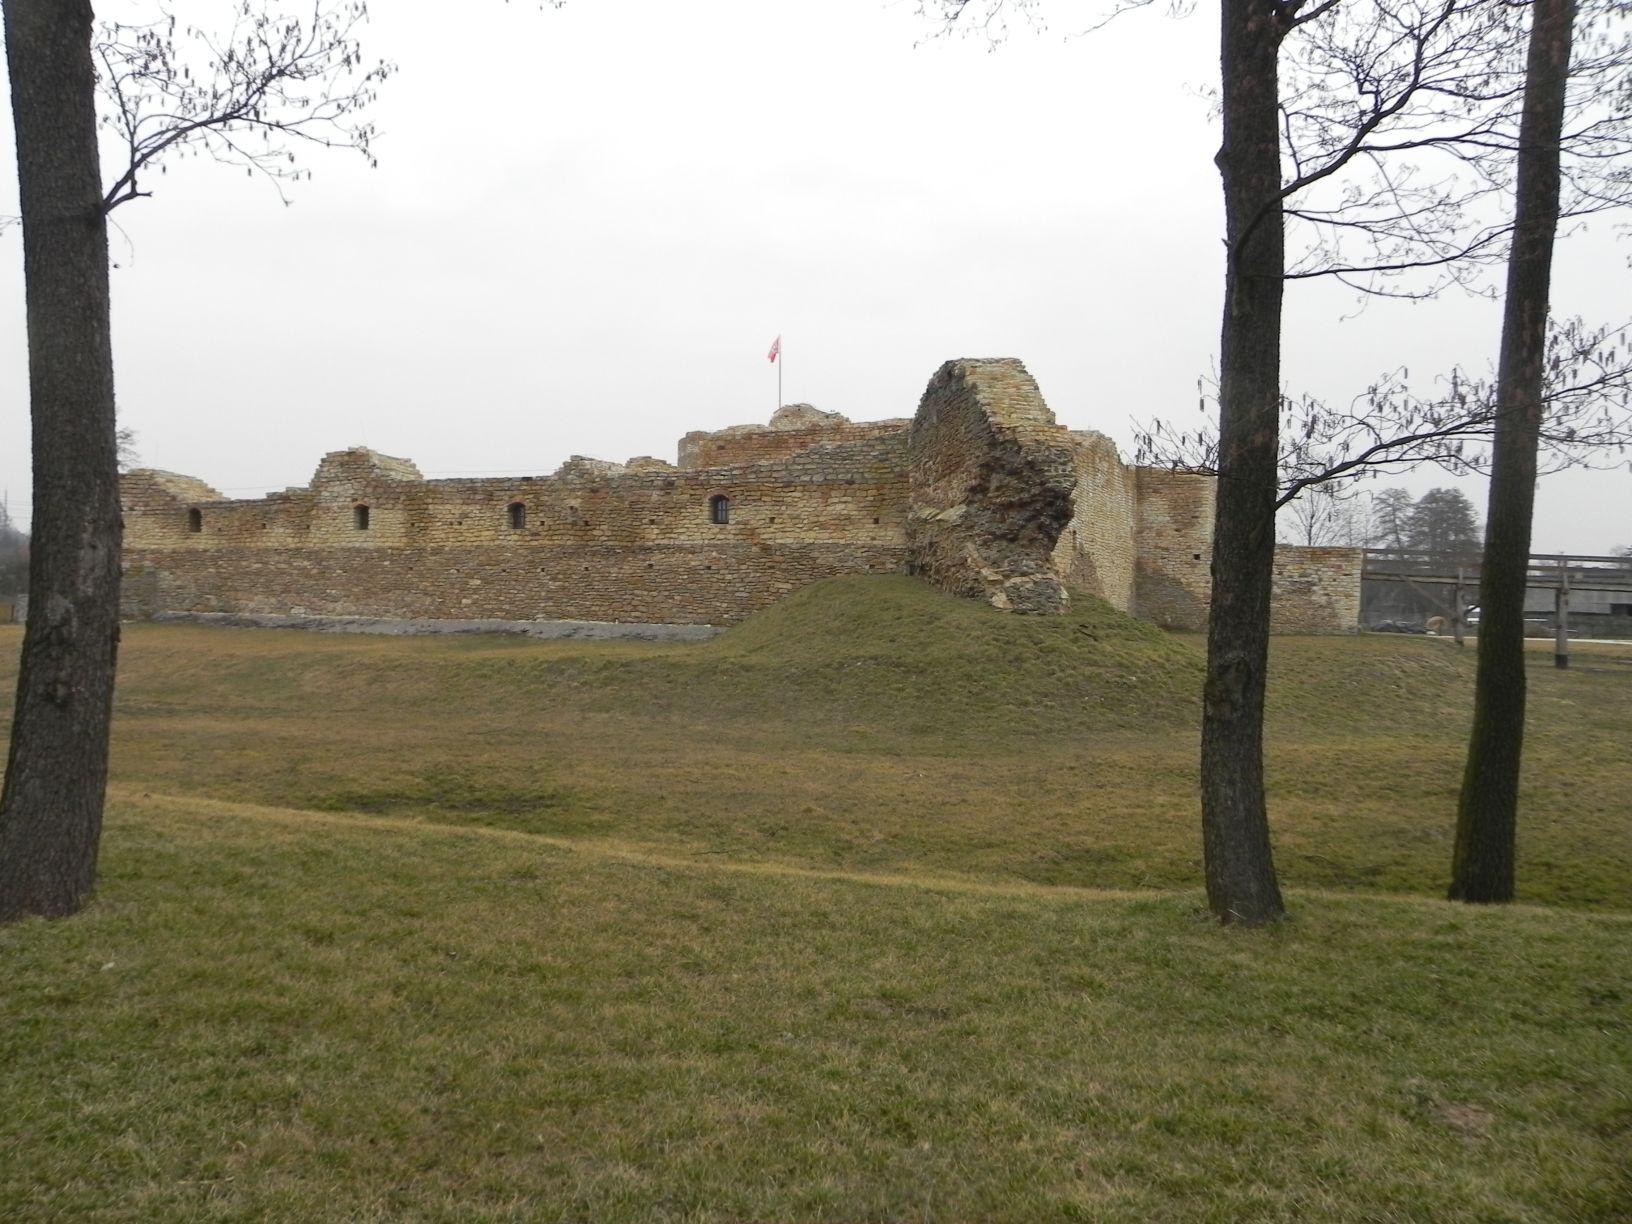 2014-01-05 Inowłódz - Ruiny zamku (18)